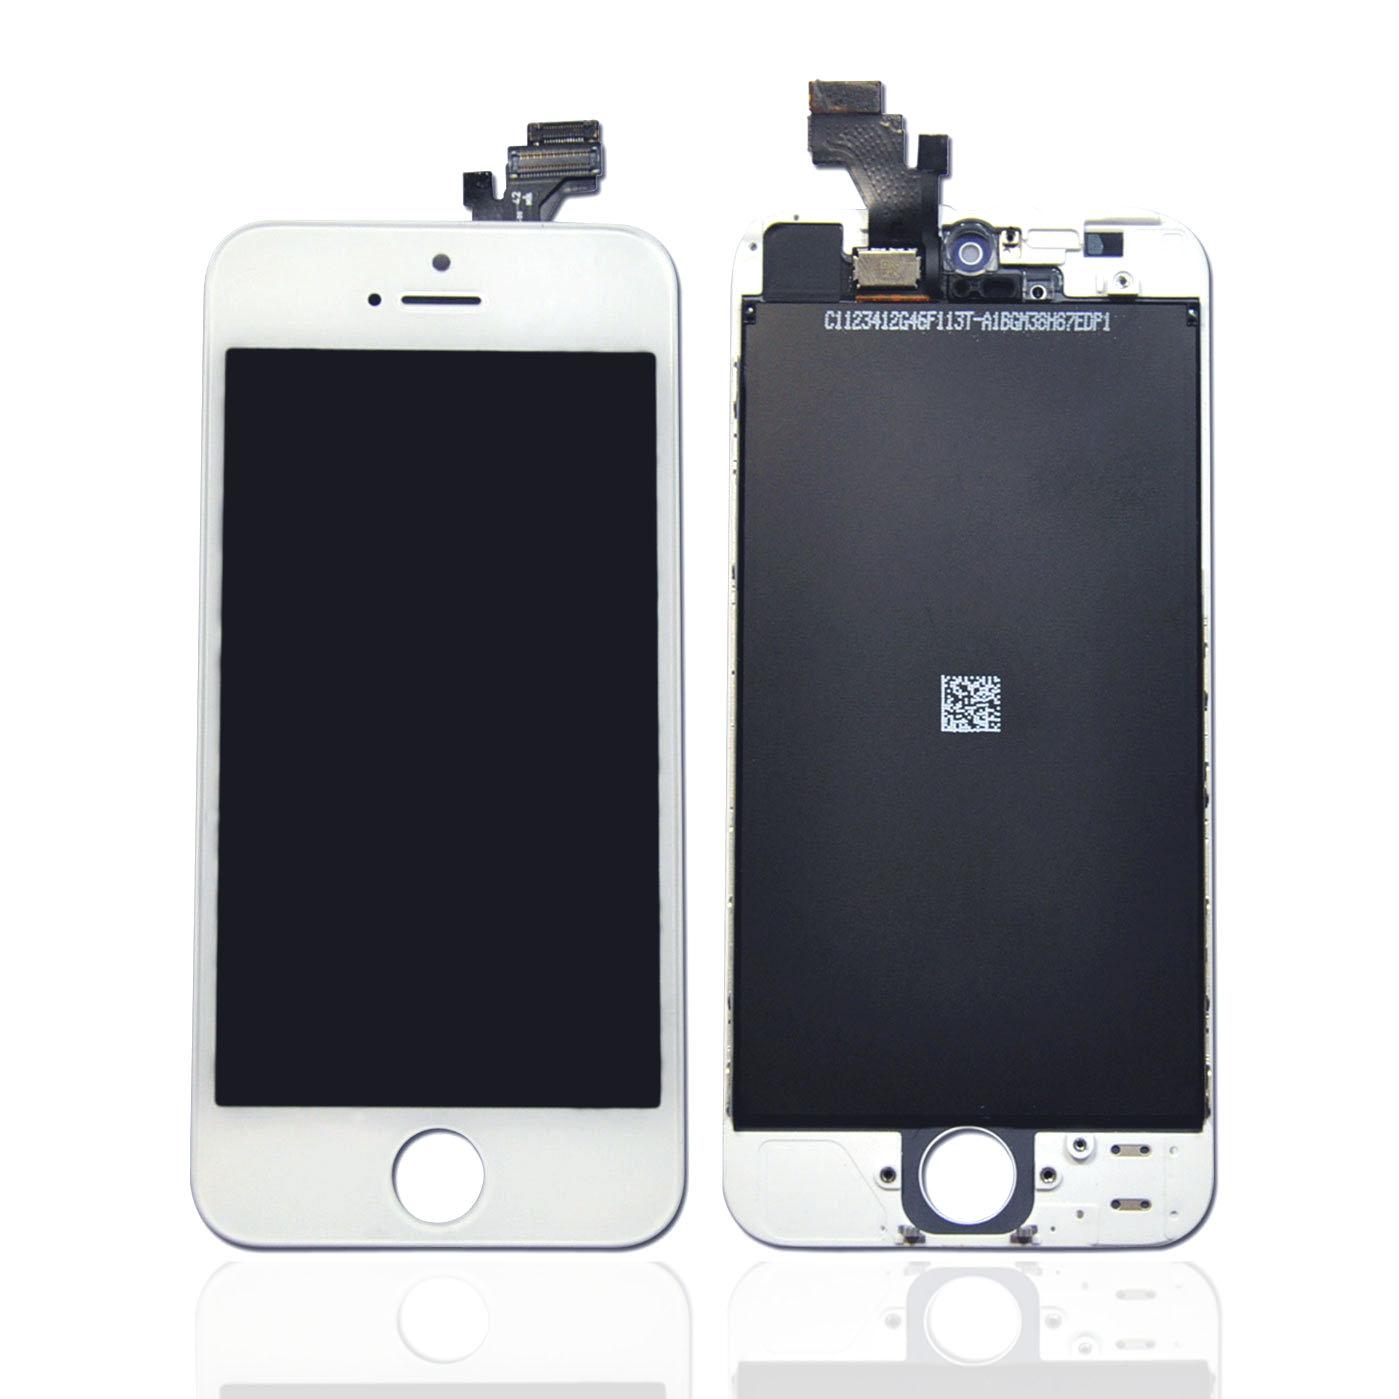 Thay màn hình mặt kính Iphone 5, 5s